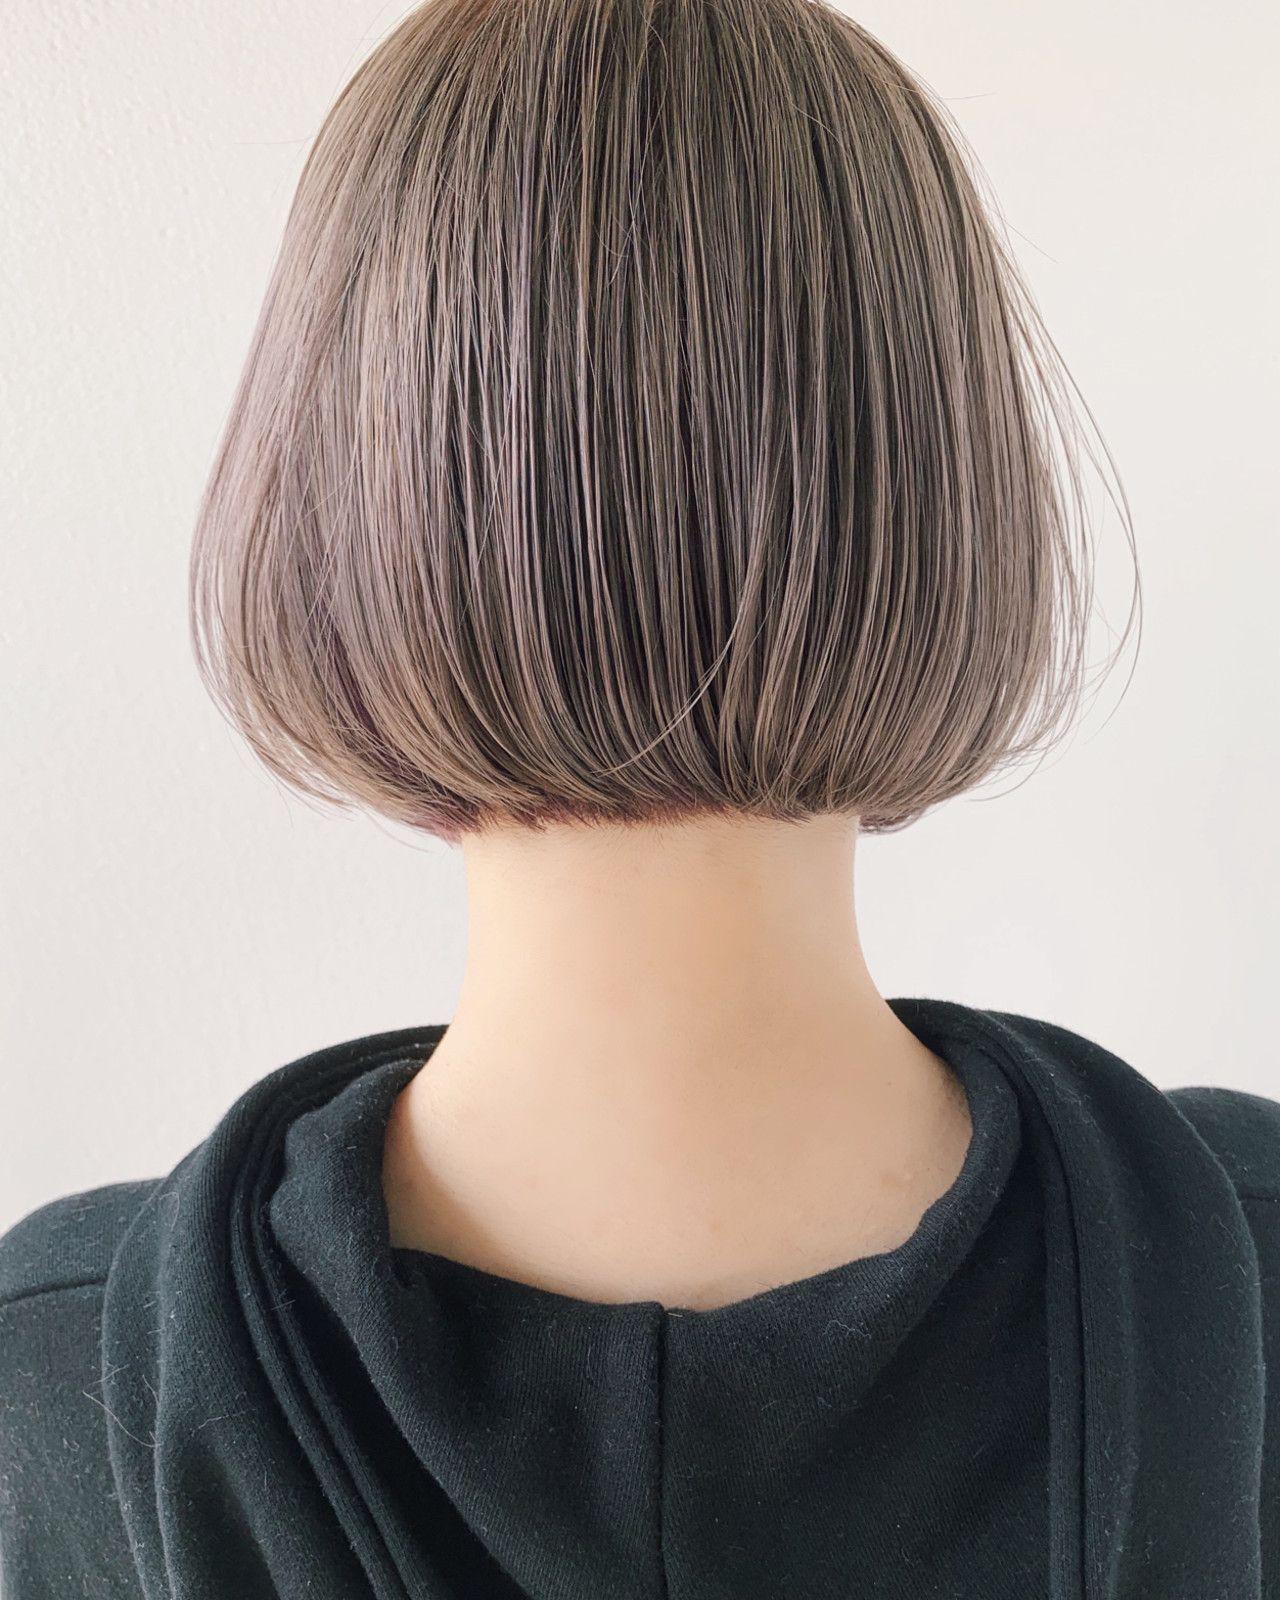 惚れ惚れする髪色みっけ 色落ちしても可愛いミルクティーカラー 髪